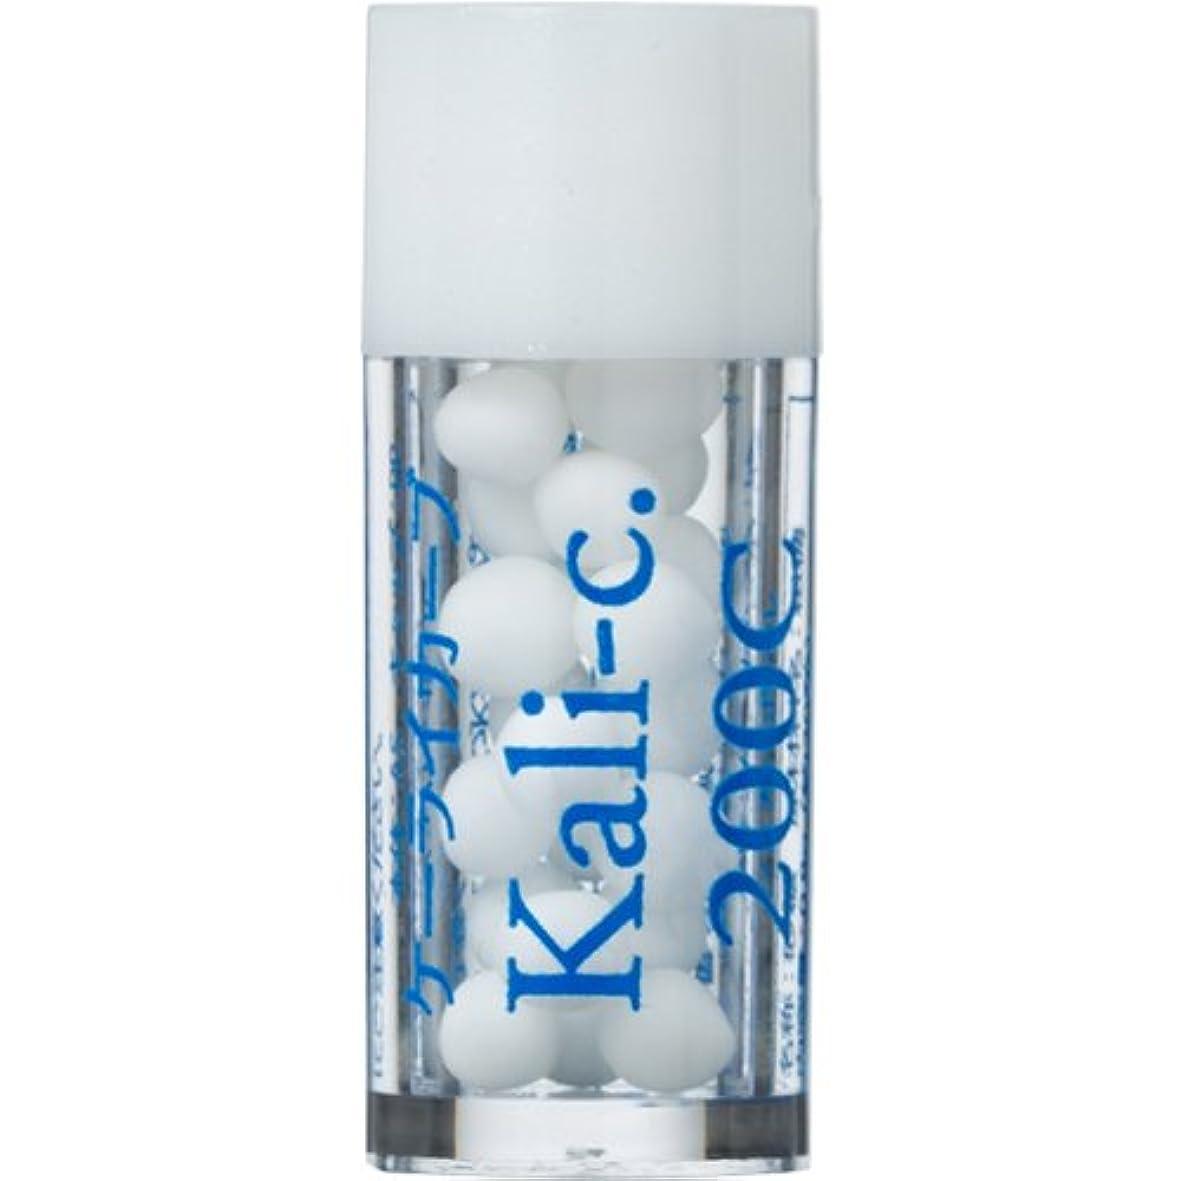 スポーツをする悪化させる静かにホメオパシージャパンレメディー バース14 Kali-c.ケーライカーブ 200C